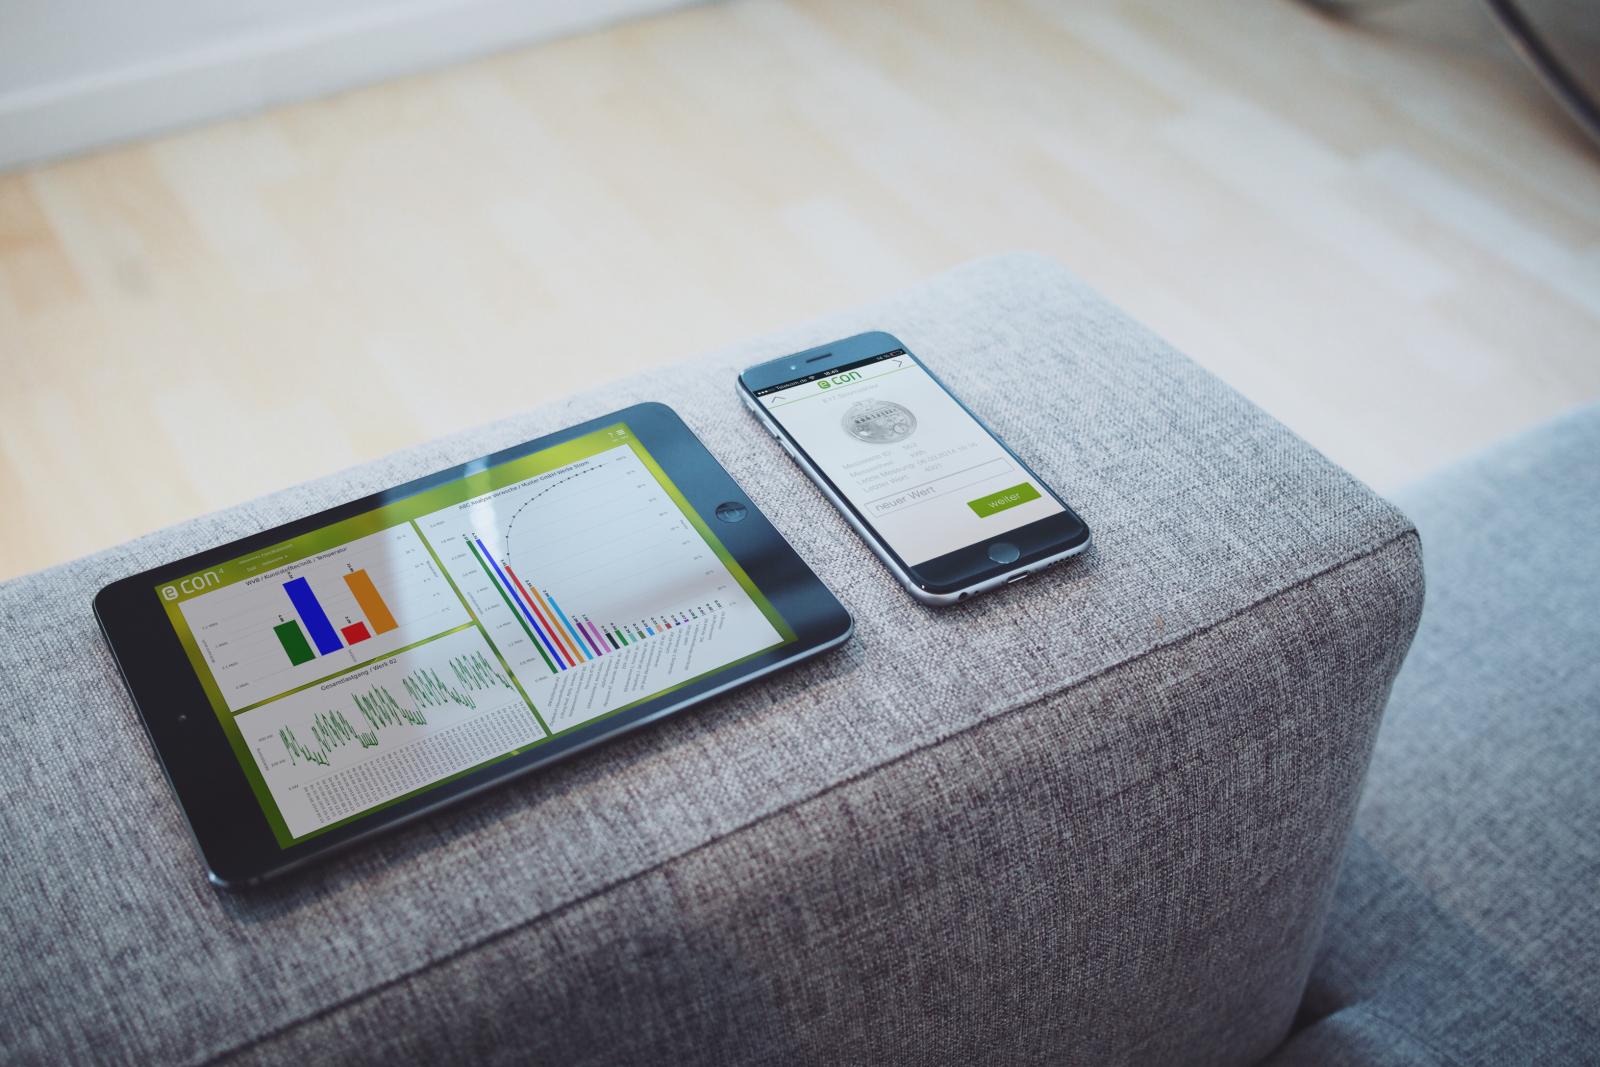 econ mobil Tablet und Handy auf der Couch